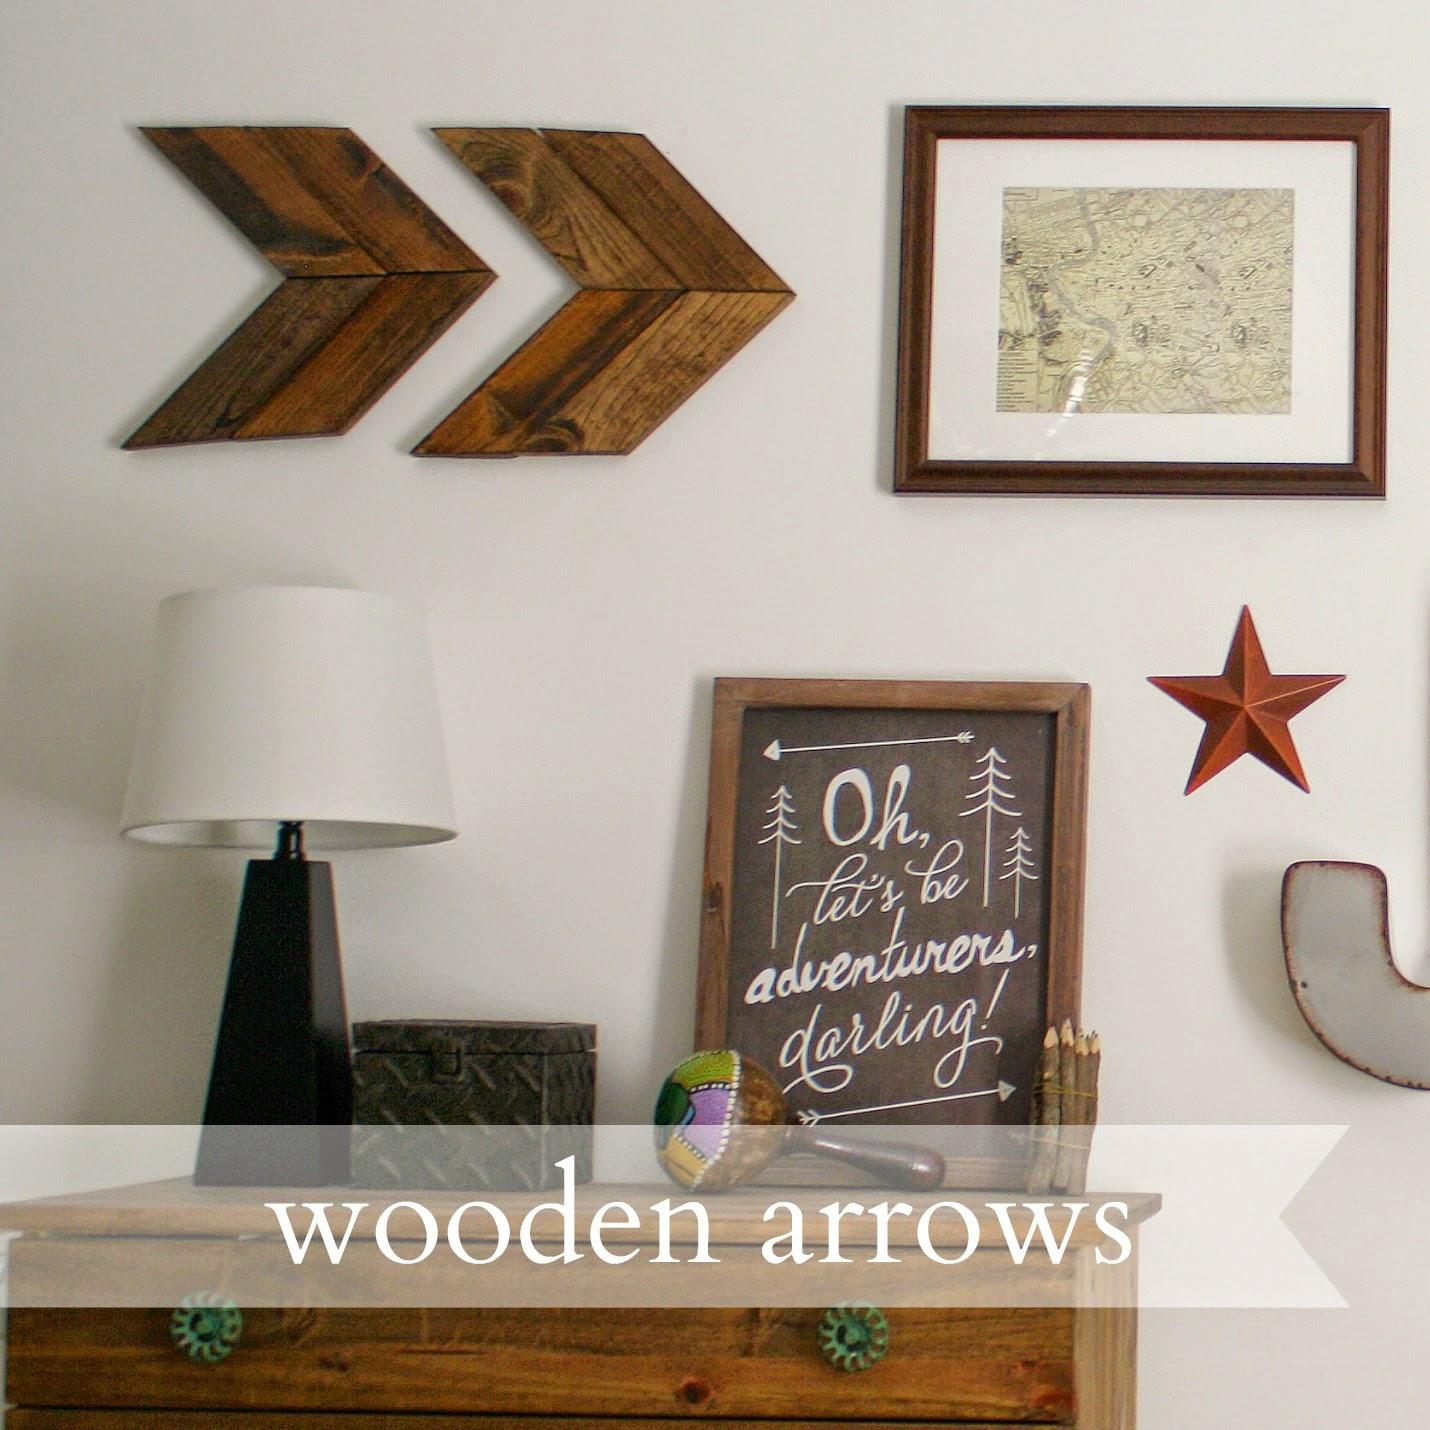 http://www.livealittlewilderblog.com/2014/10/diy-wooden-arrows-tutorial.html